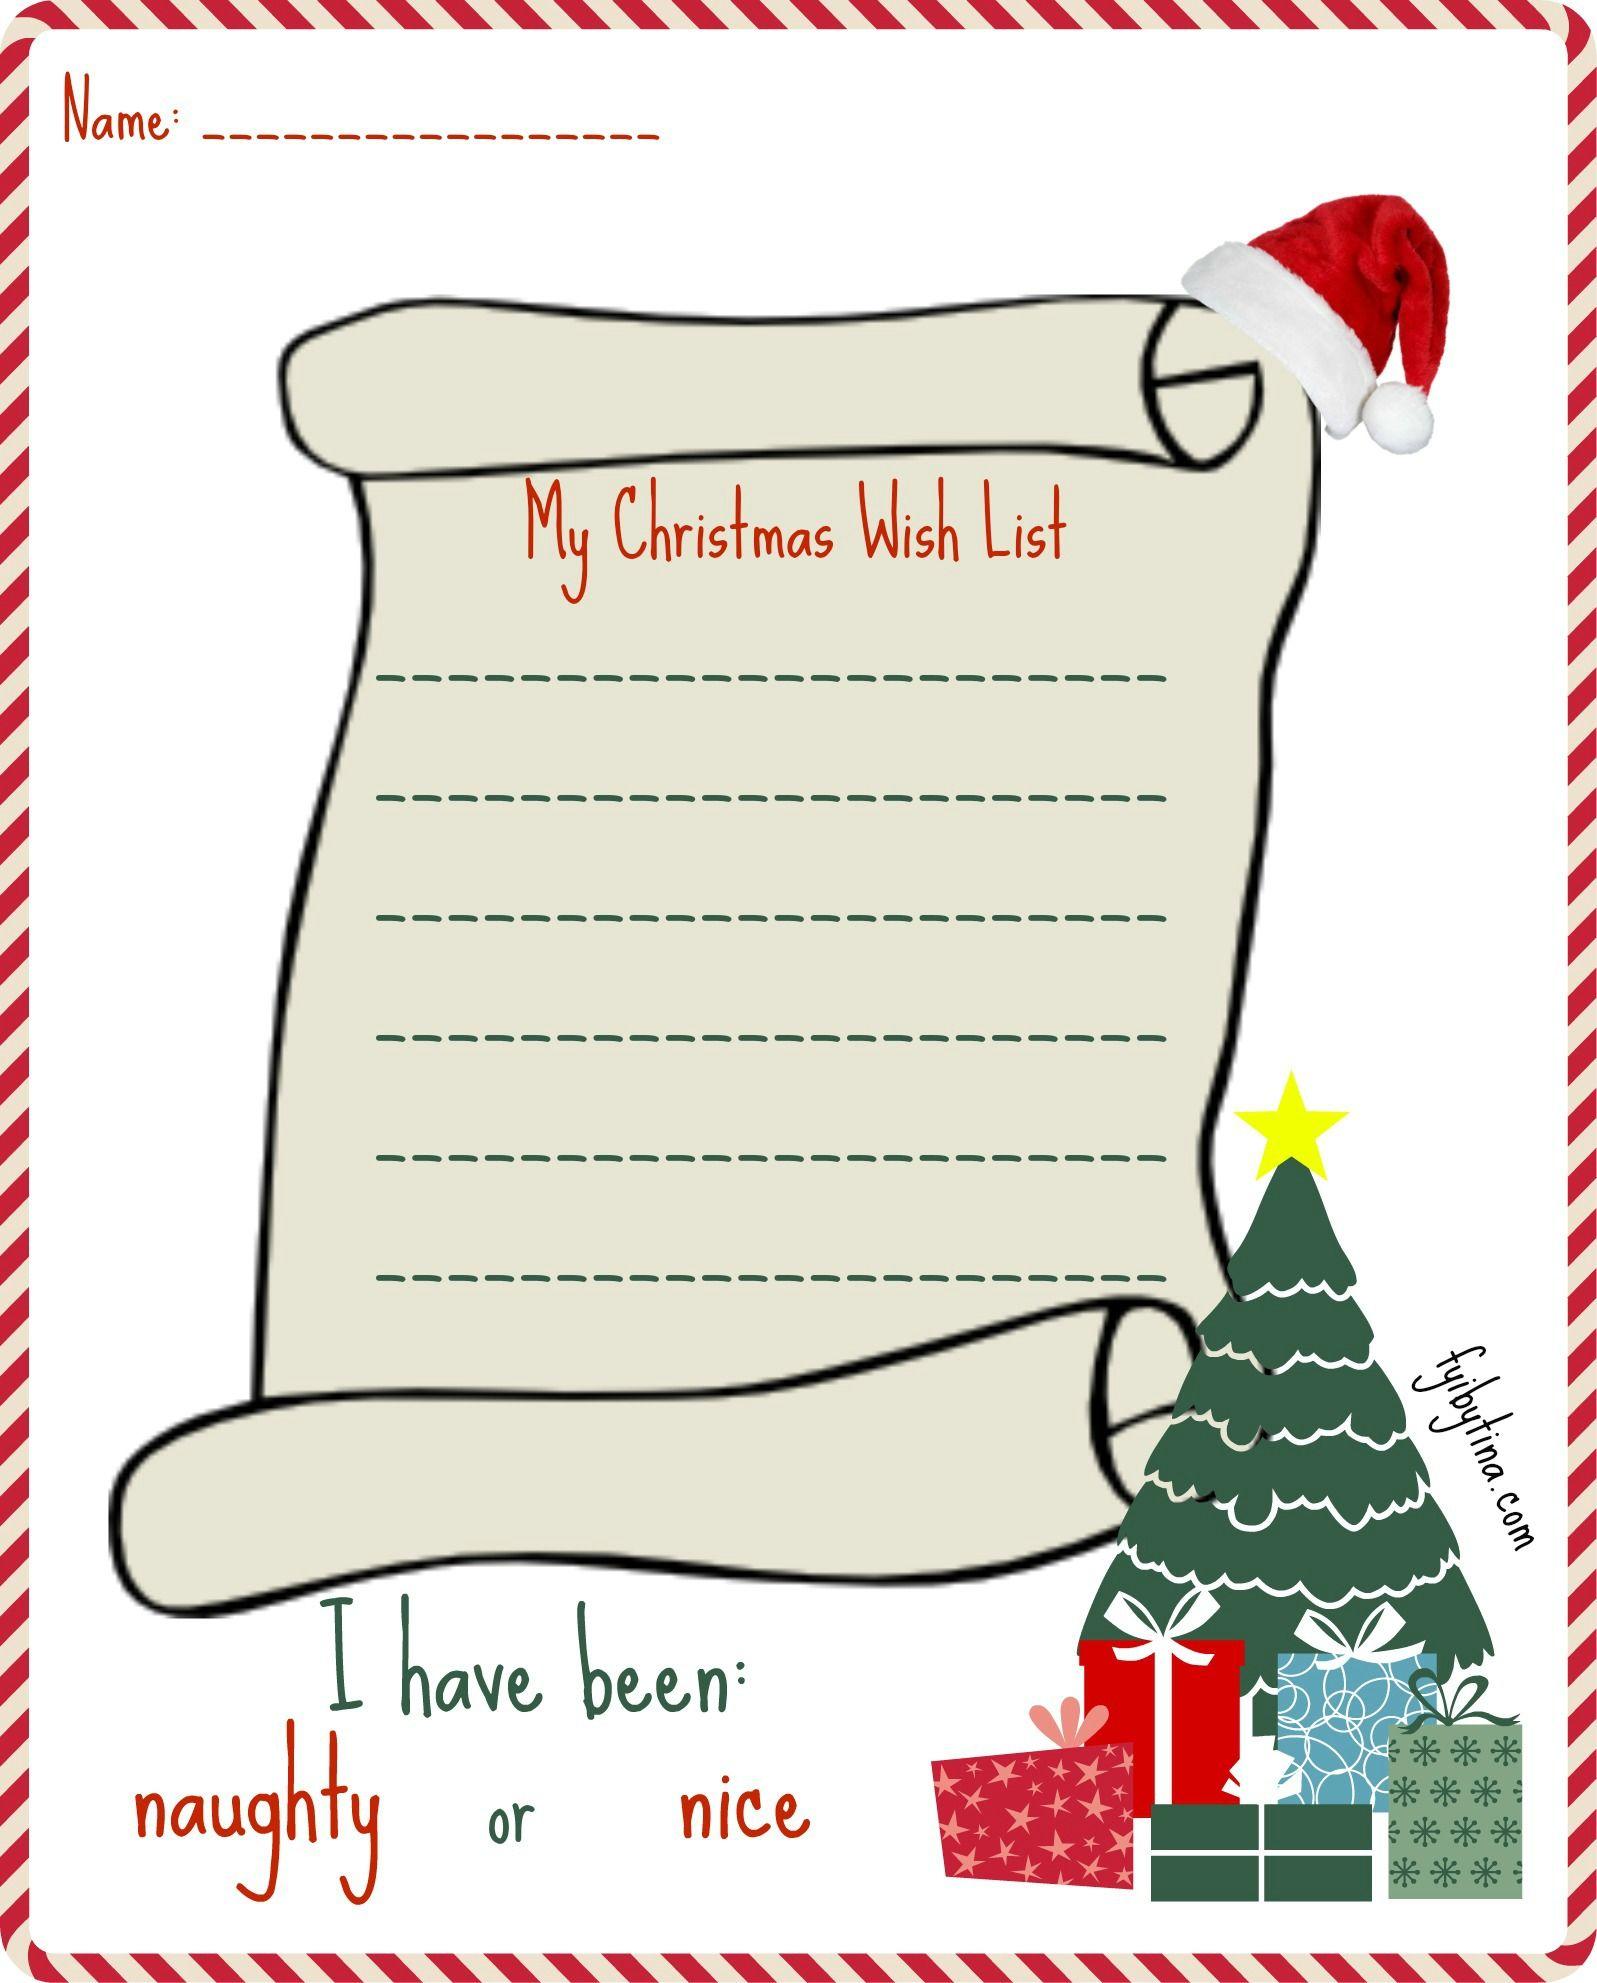 Printable My Christmas Wish List For Santa Free Christmas